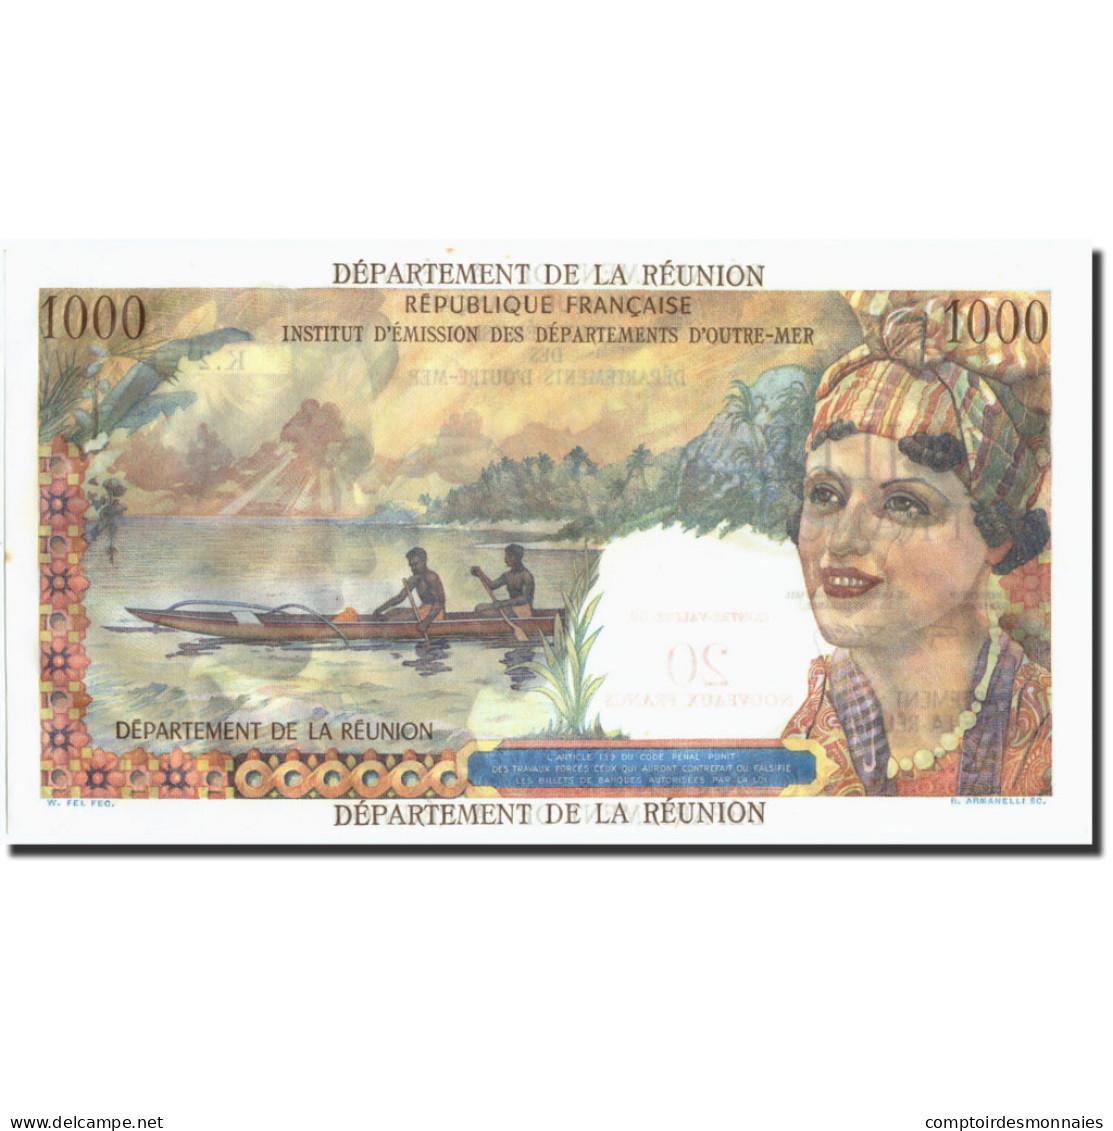 Réunion, 20 Nouveaux Francs On 1000 Francs, Undated (1967-71), KM:55b, SPL - Réunion